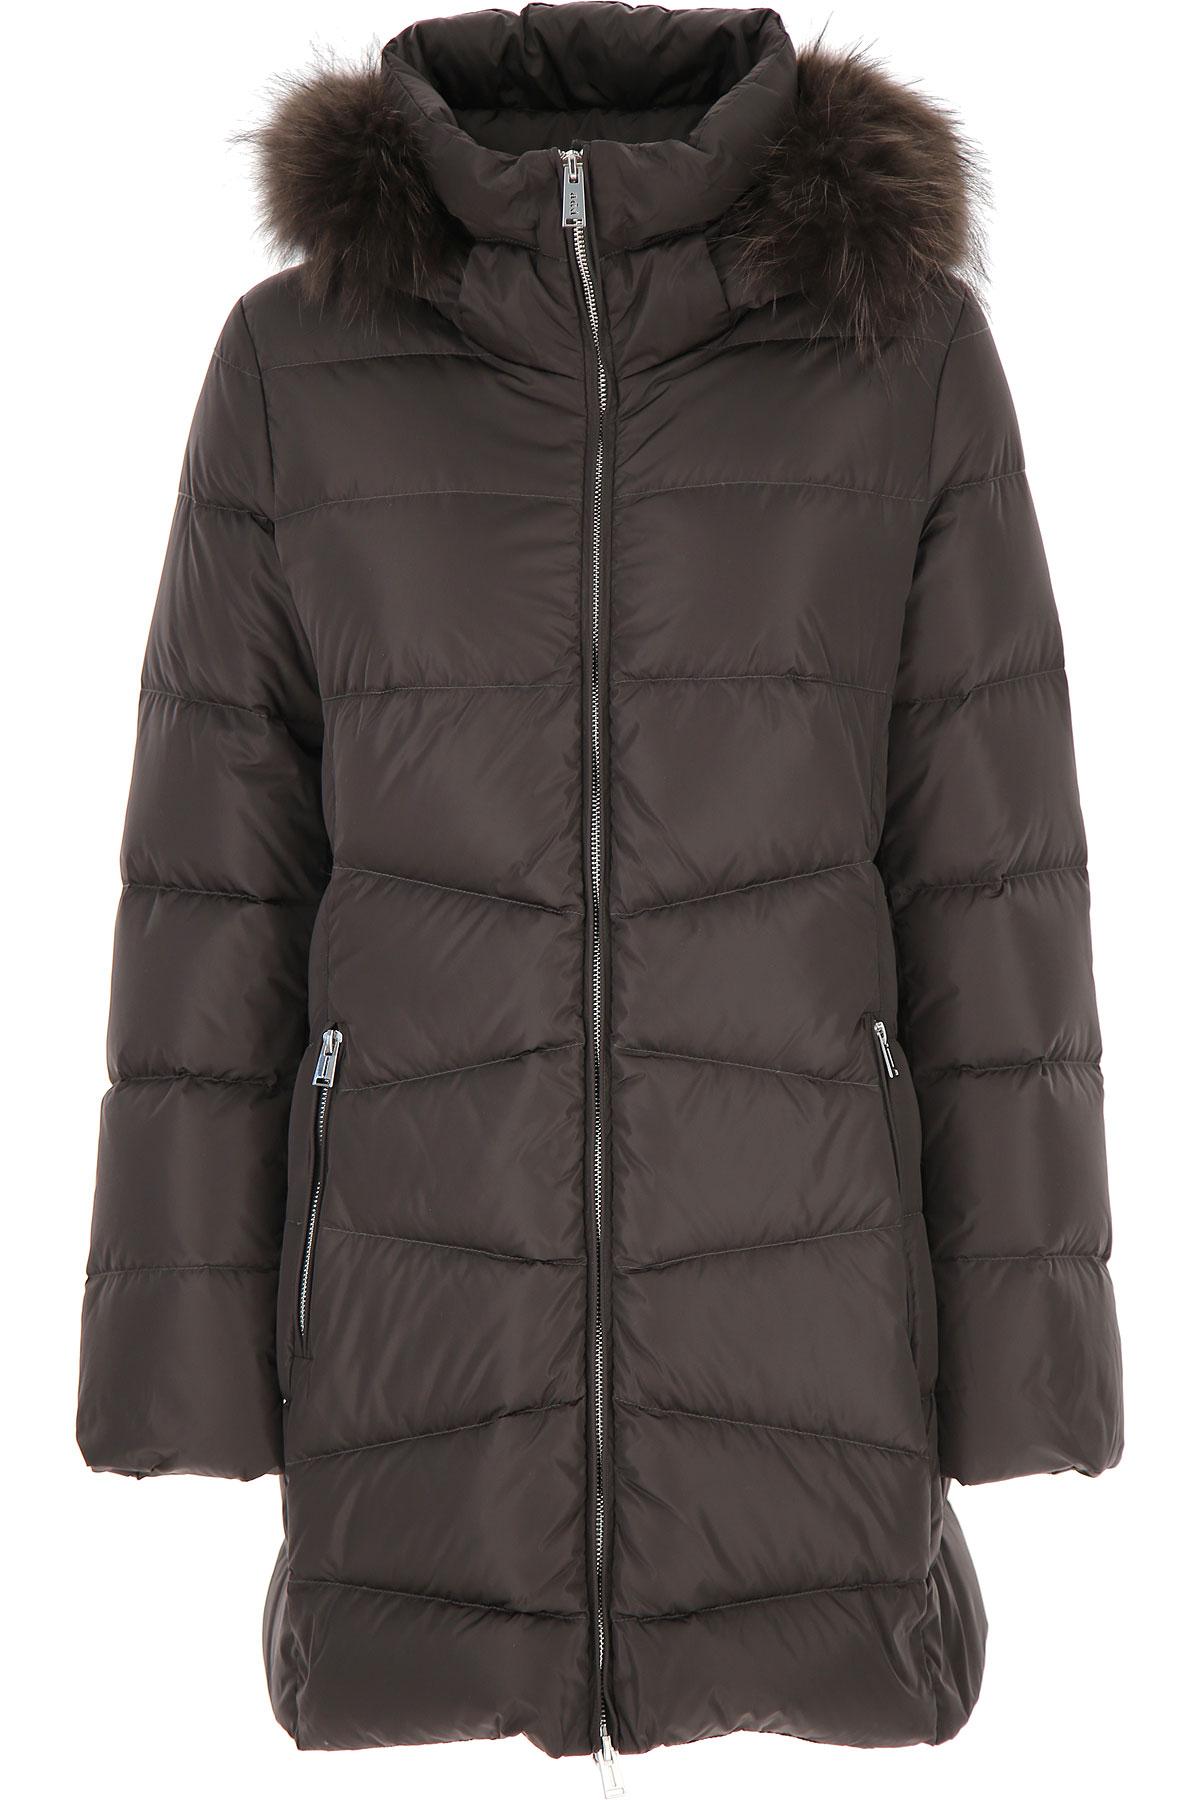 ADD Down Jacket for Women, Puffer Ski Jacket, Grey Metal, polyamide, 2019, 4 8